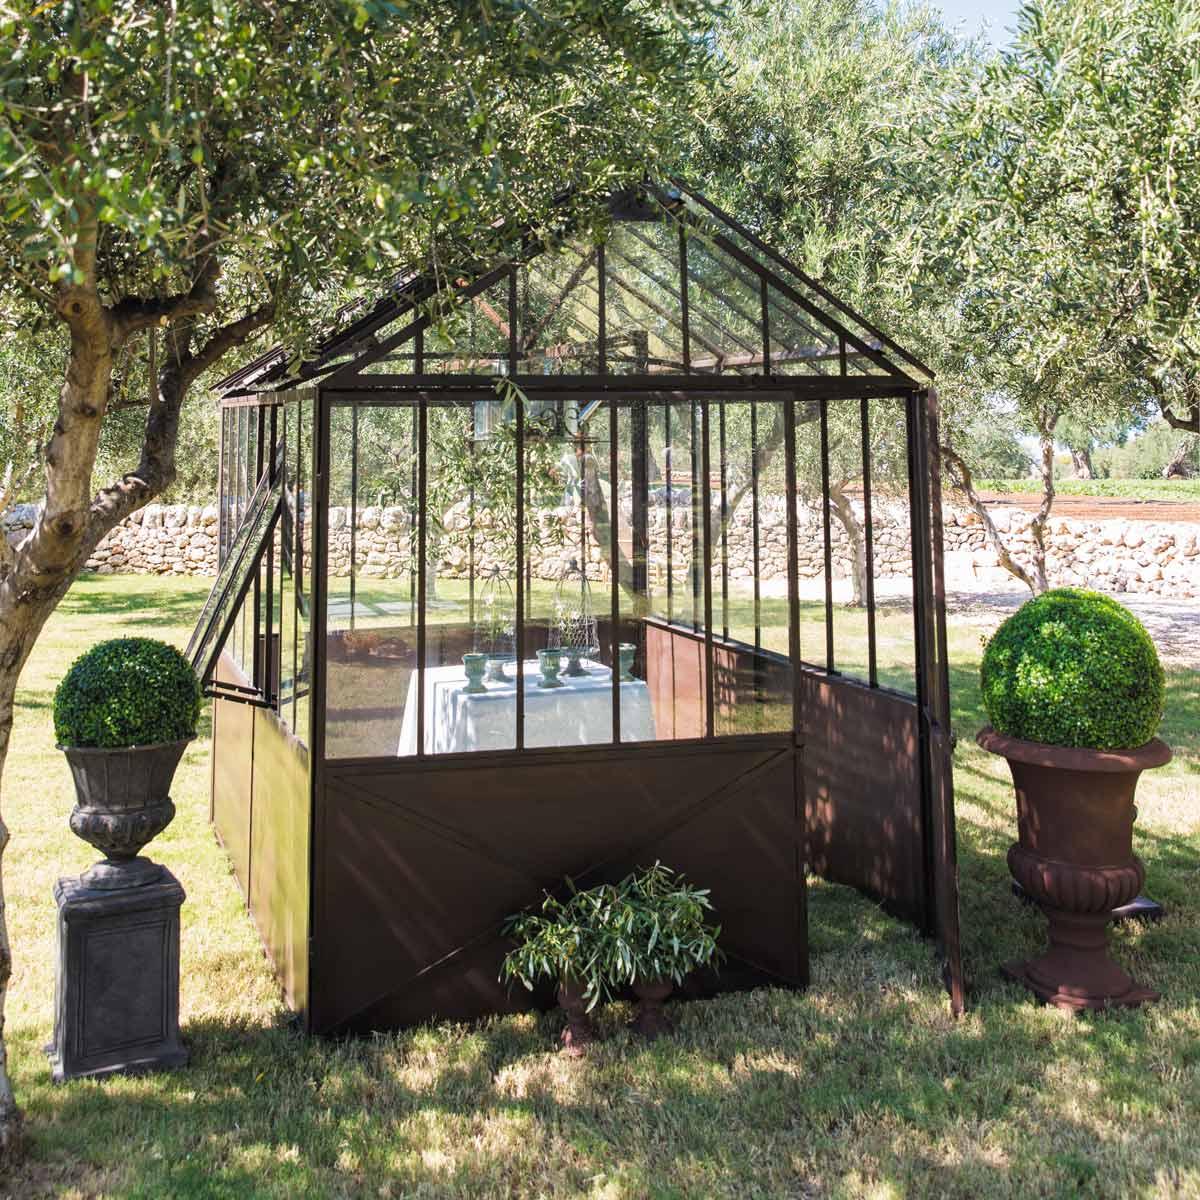 D co avec une serre en m tal dans un jardin for Deco metal jardin